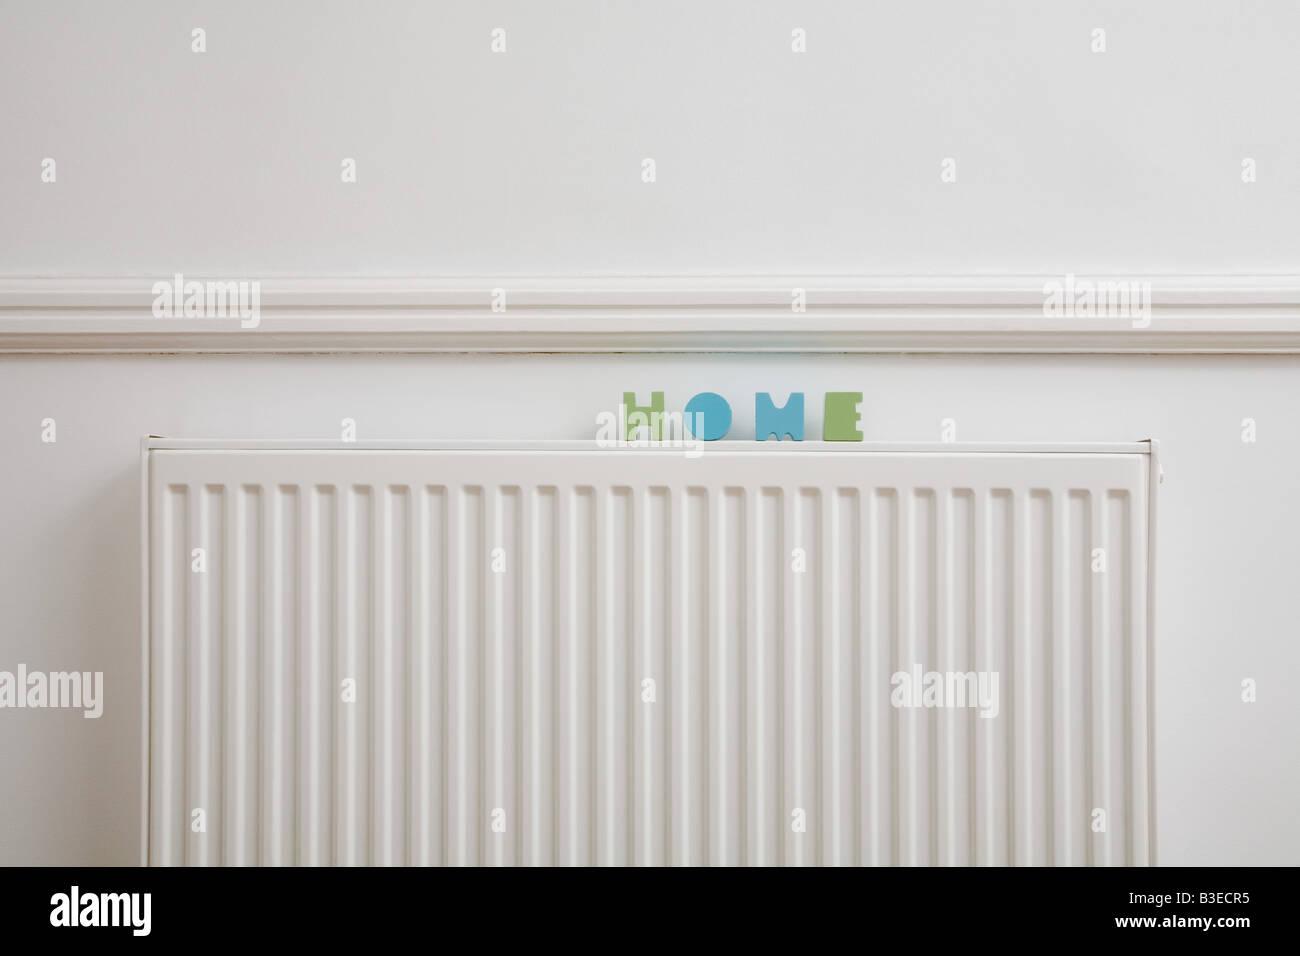 Le mot accueil sur un radiateur Photo Stock